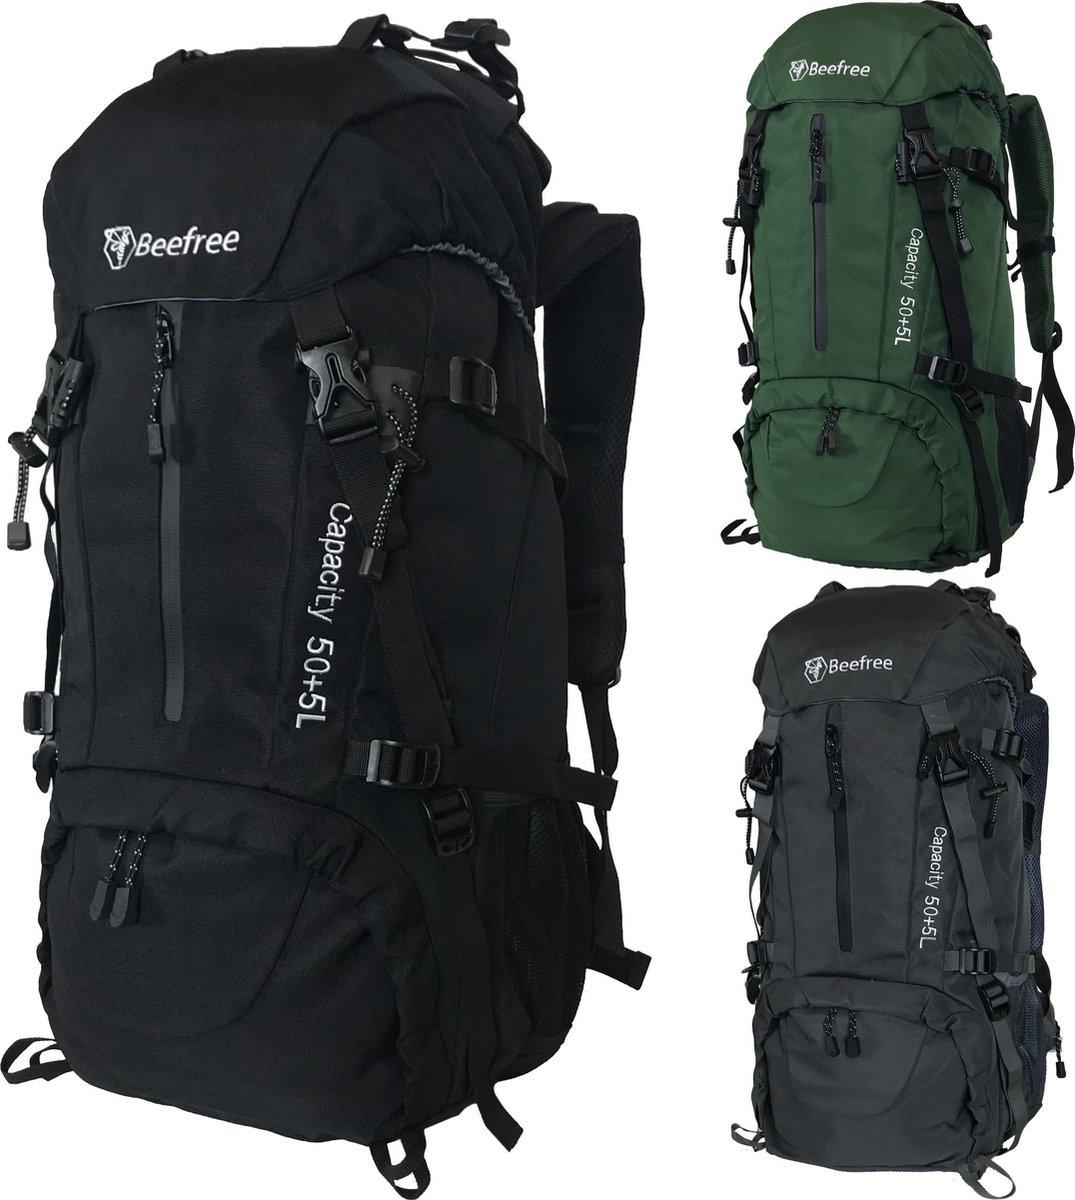 Beefree Backpack - Rugzak - Inclusief regenhoes - 55 Liter -  Zwart